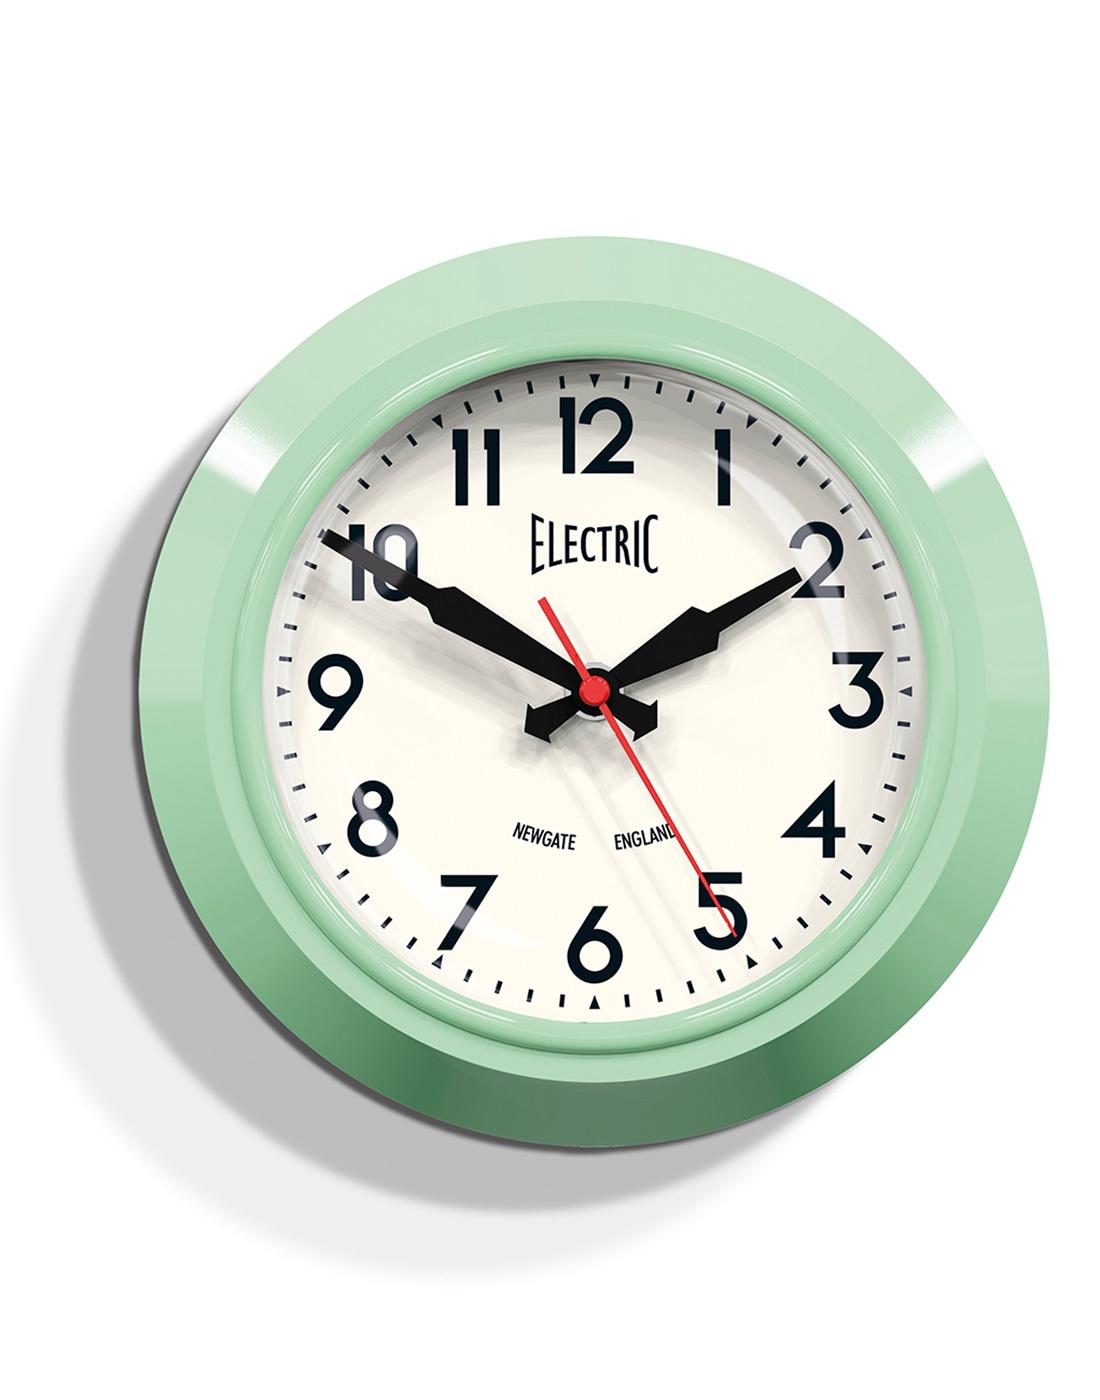 Electric Newgate Retro 1950s Small Wall Clock Grn